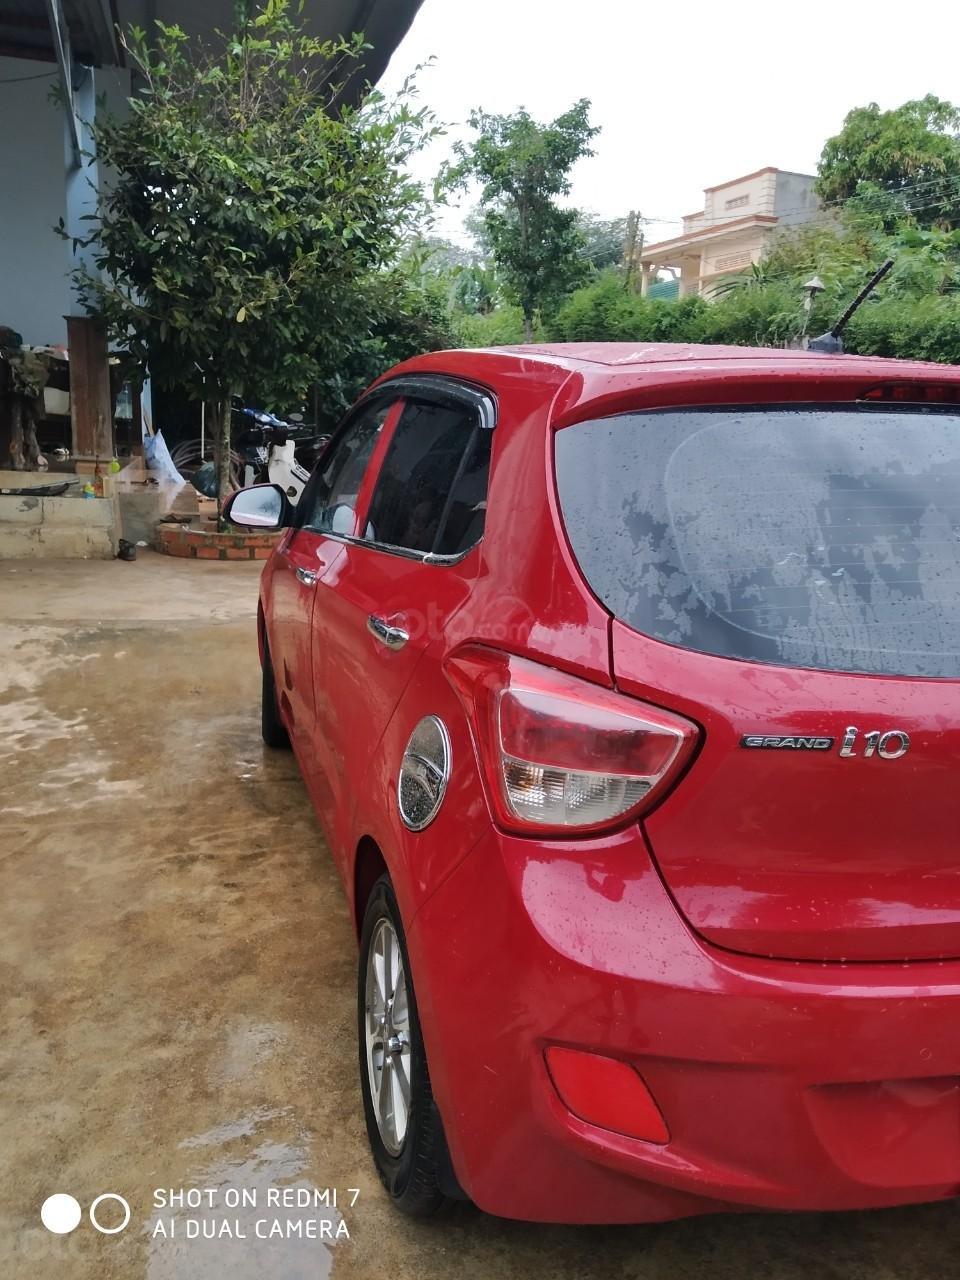 Bán xe Hyundai Grand i10 xe gần như mới 90% (7)